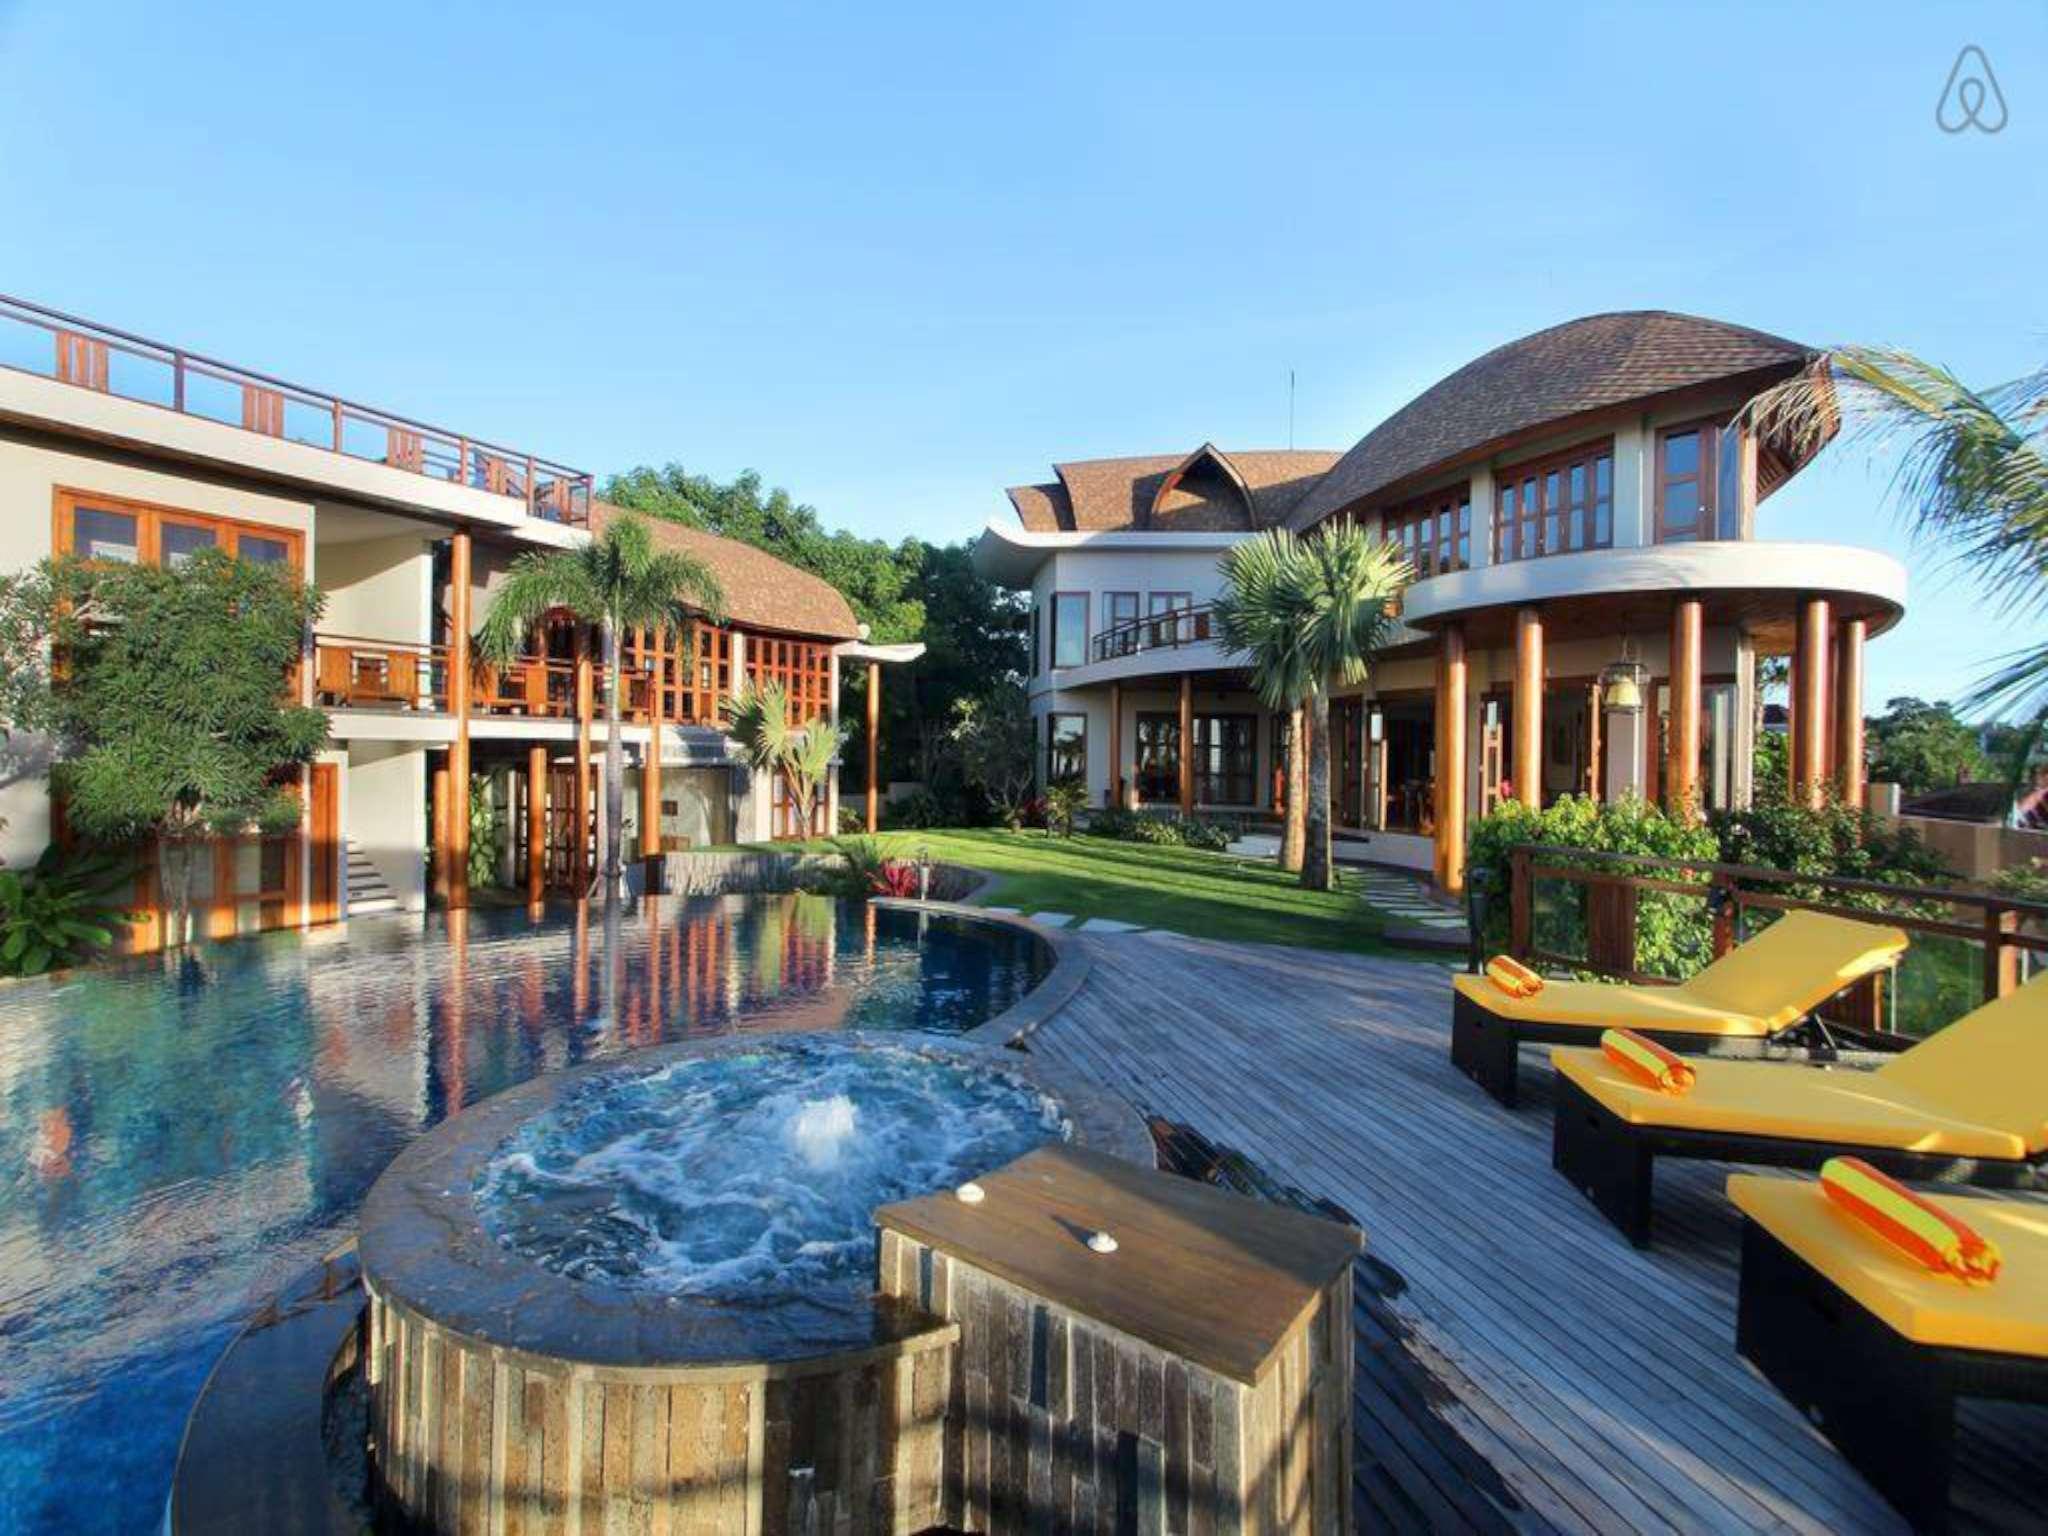 4 BDR Casa Bonita Private Pool Villa In Jimbaran